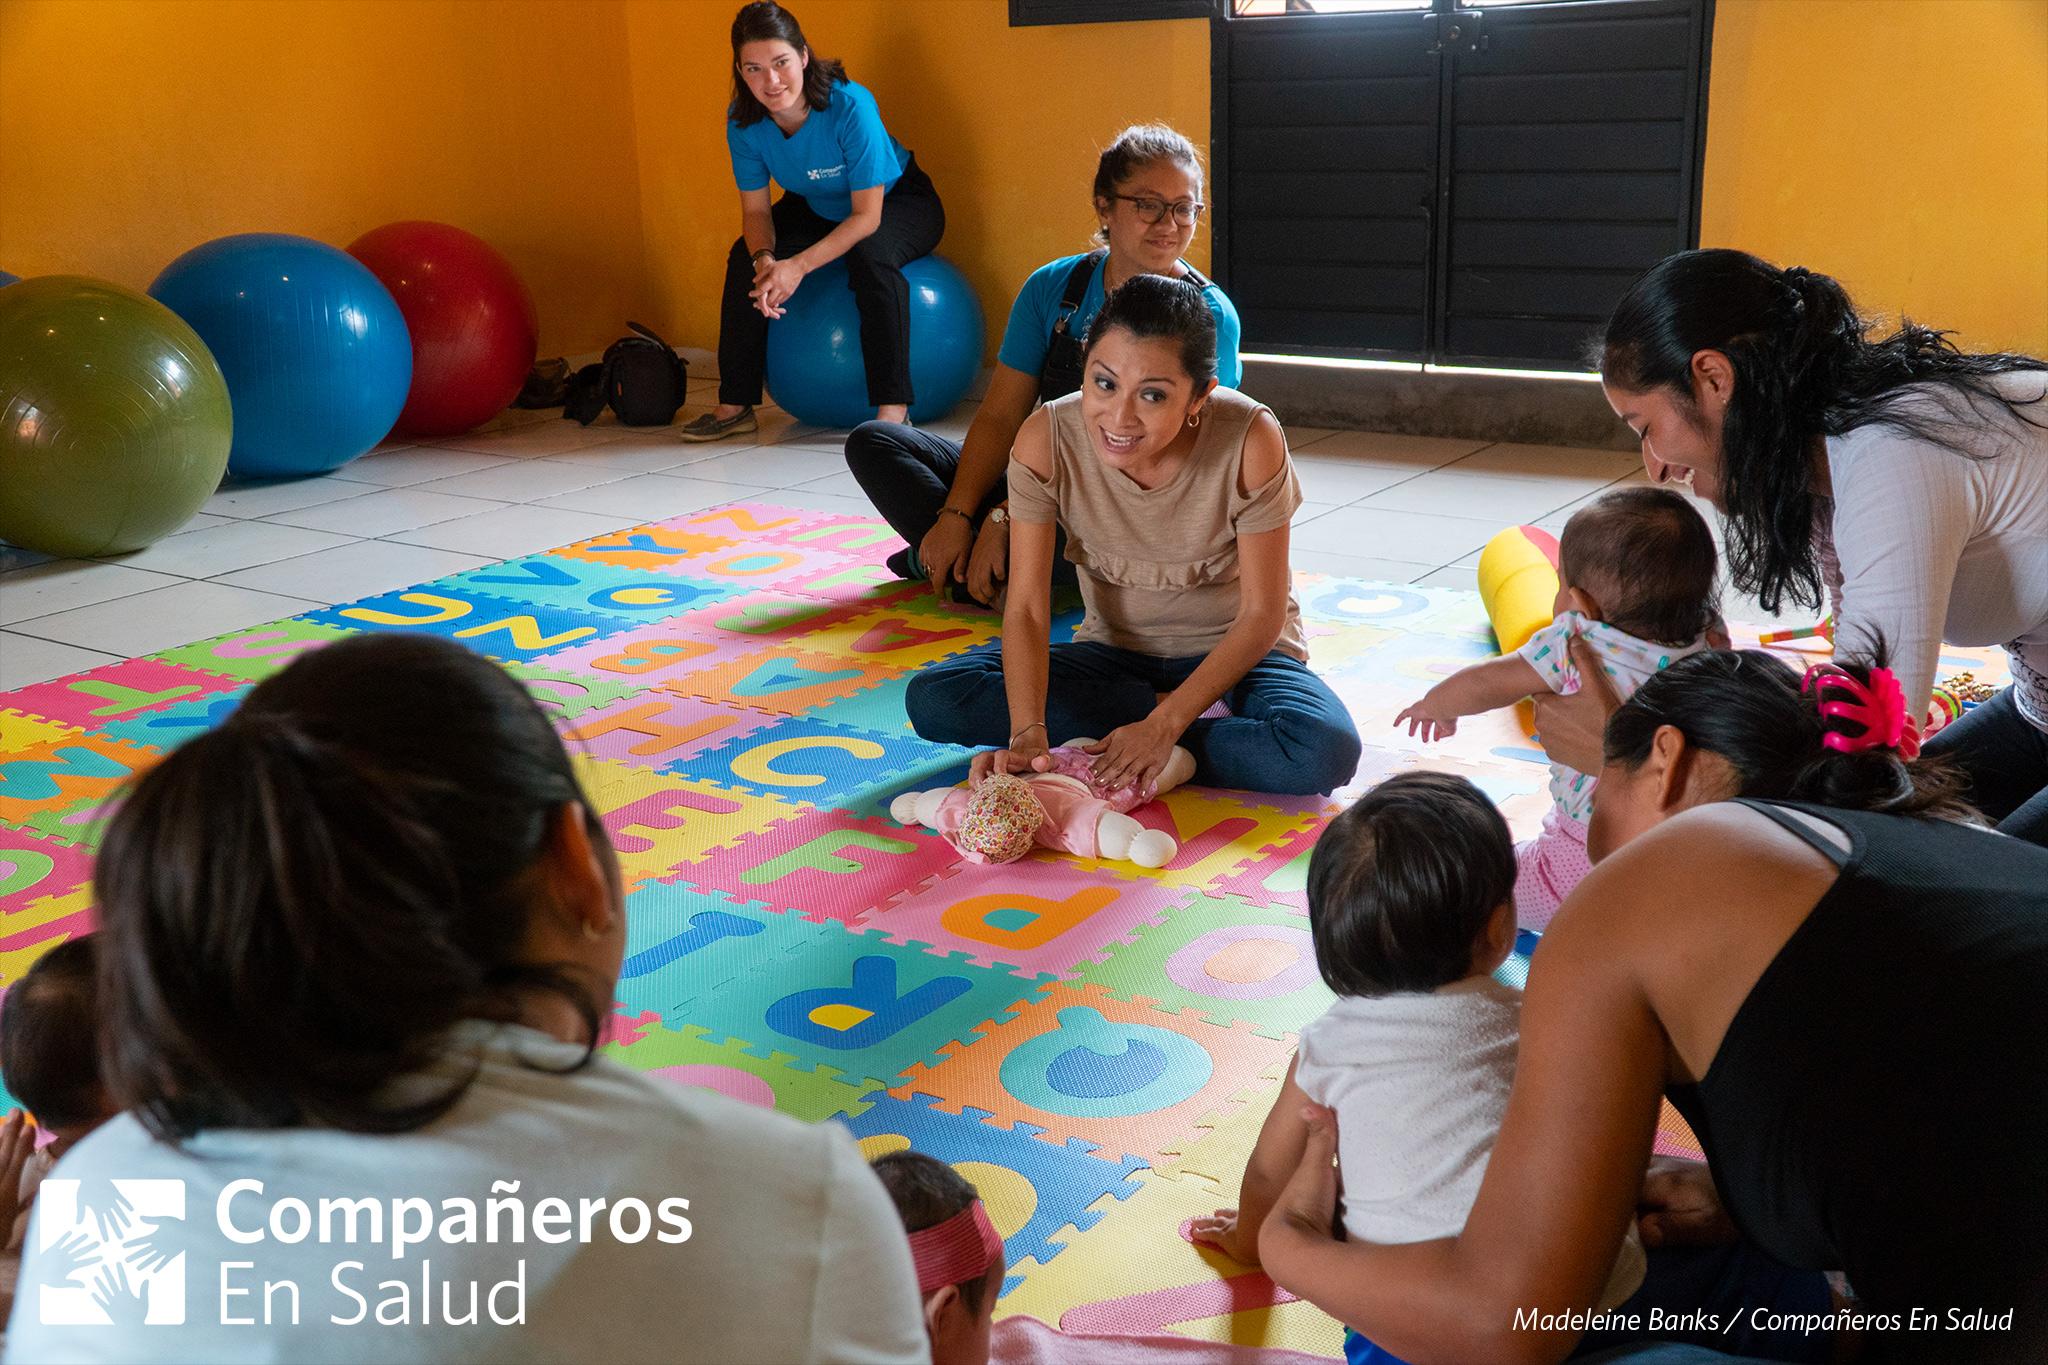 Luisa Fernanda Estrella Maza, experta en estimulación temprana y desarrollo infantil, trabajó con Compañeros En Salud para dar un curso para las acompañantes encargadas de los programas de salud infantil en sus comunidades.